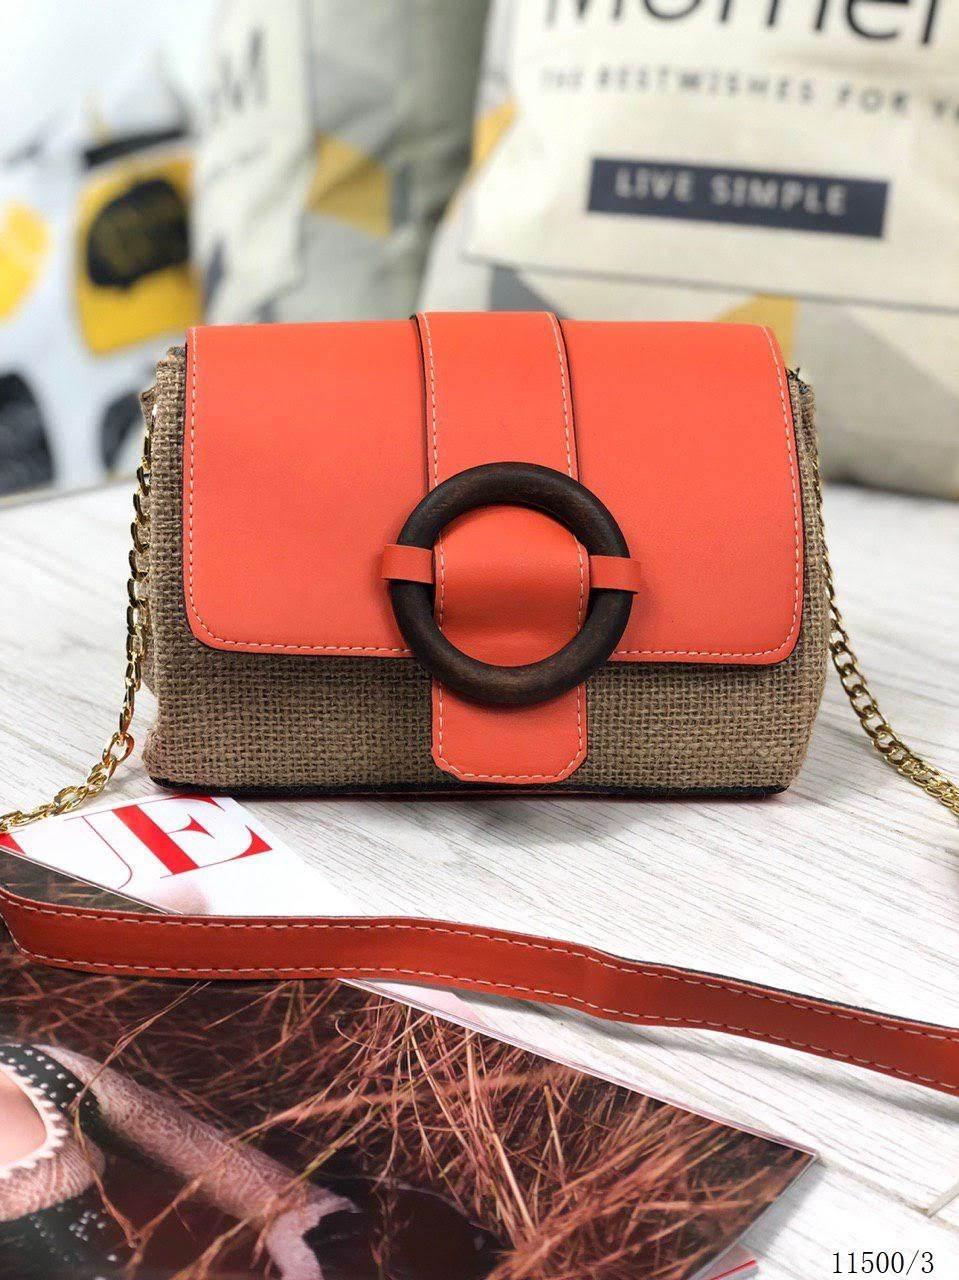 Сумка женская кросс-боди сумочка маленькая через плечо экокожа рогожка оранжевая